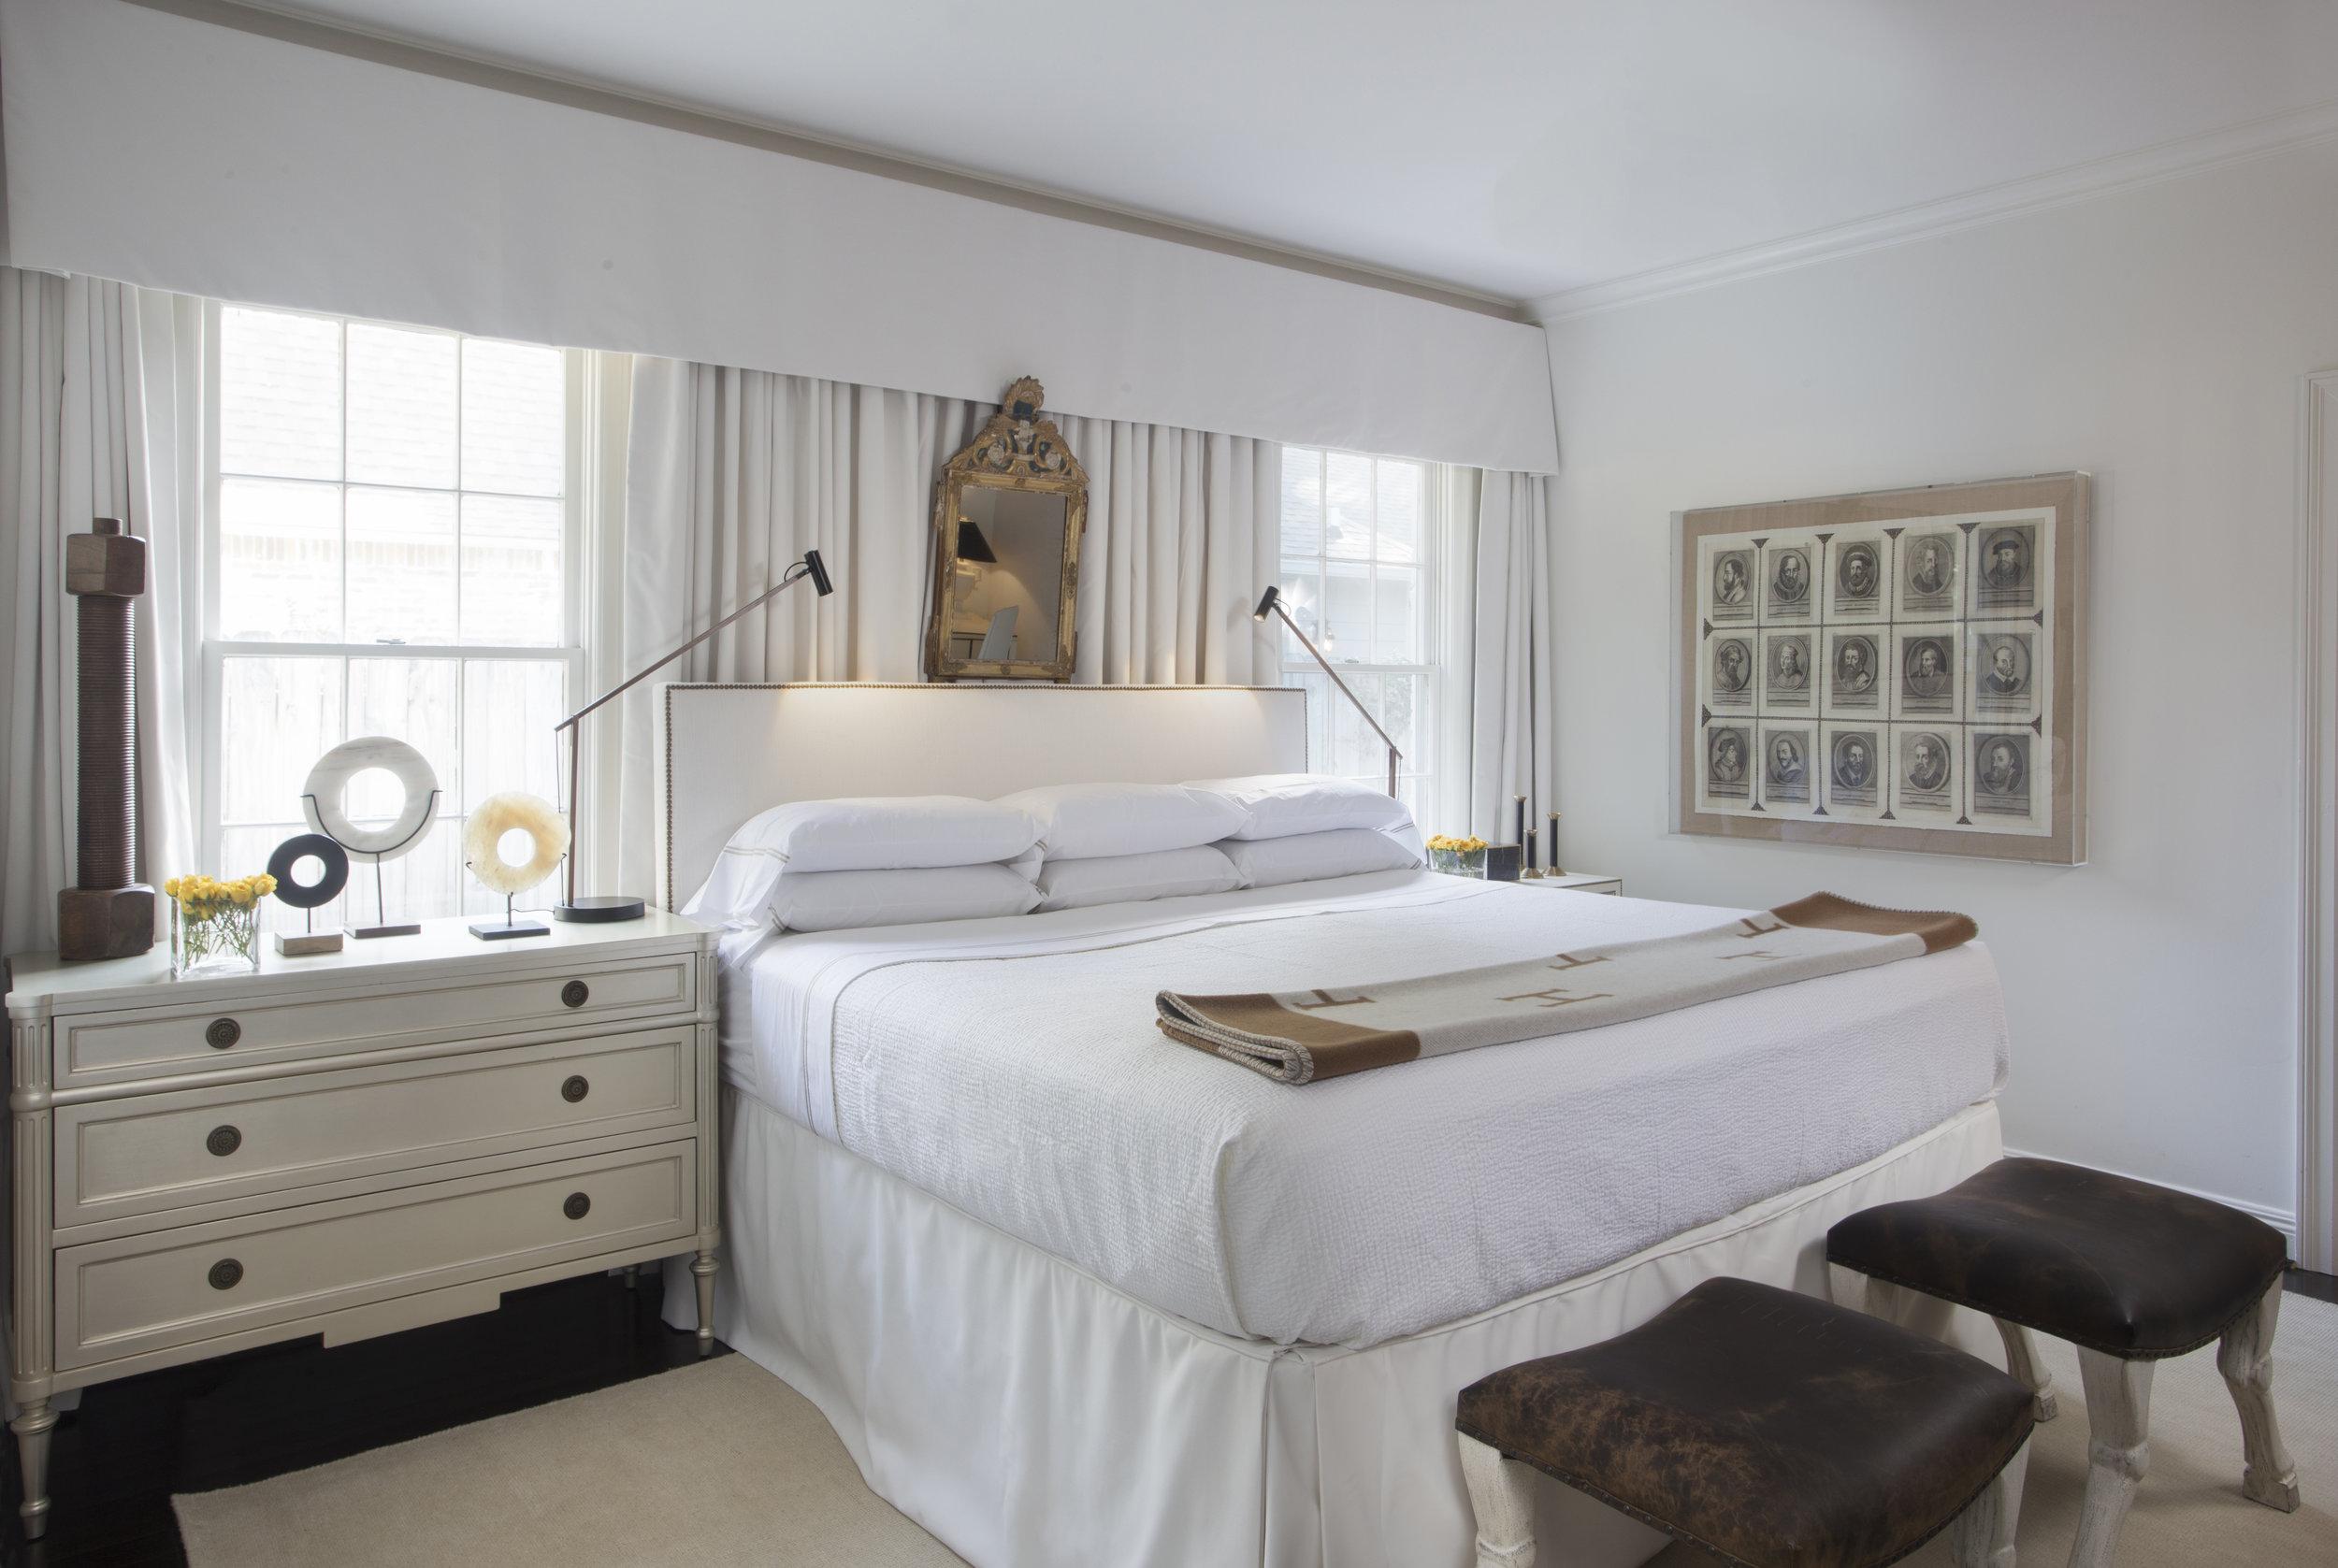 bedroom pic 1.jpg